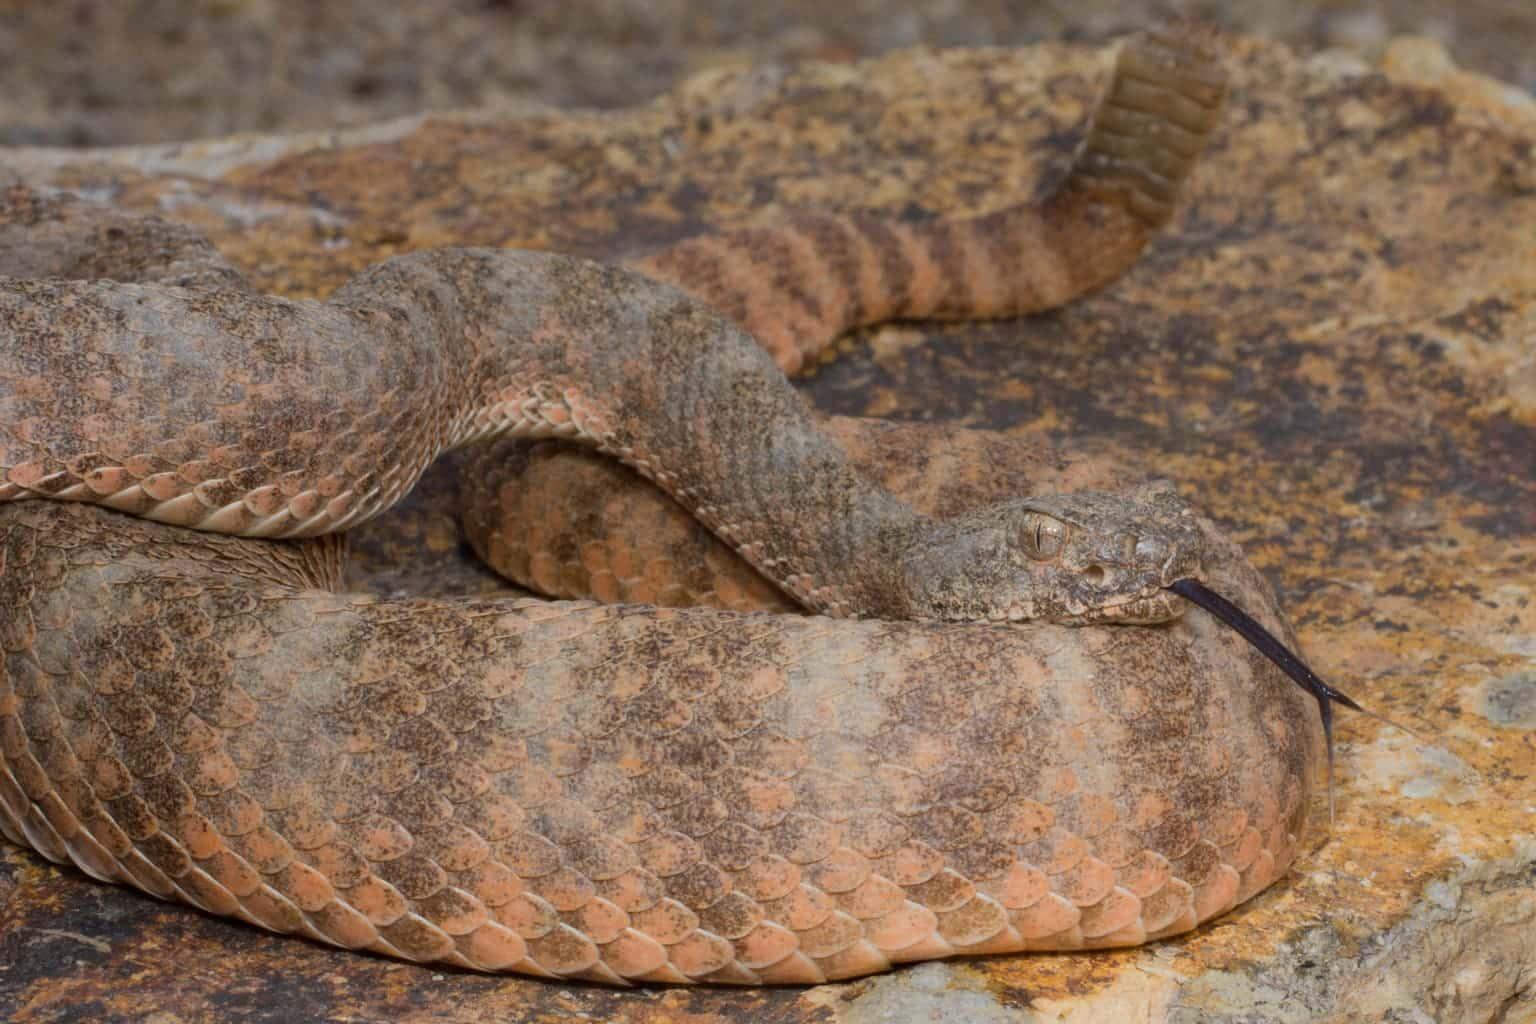 Crotalus tigris, tiger rattlesnake